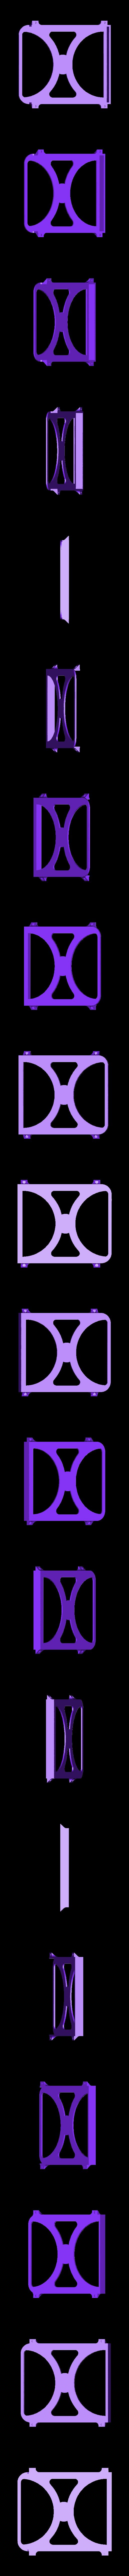 Wacom Tray.stl Télécharger fichier STL Tablette et stylo Wacom sous le support du cabinet • Design à imprimer en 3D, Thomllama